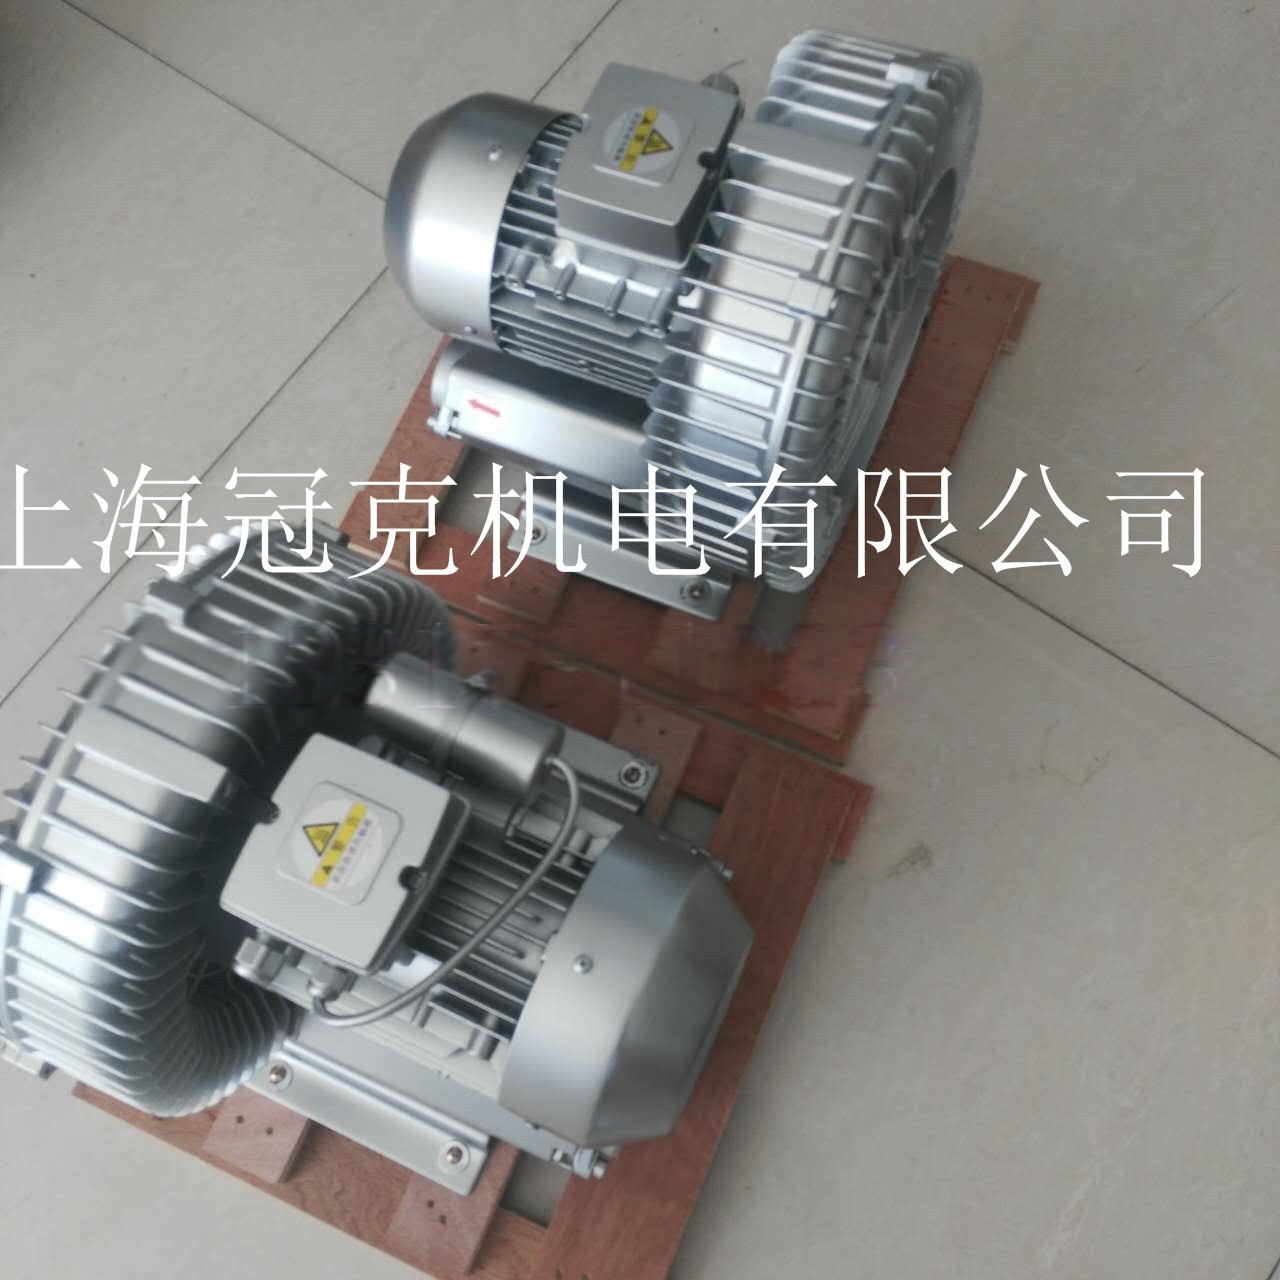 风贝克漩涡气泵118 - 副本 - 副本 - 副本.jpg